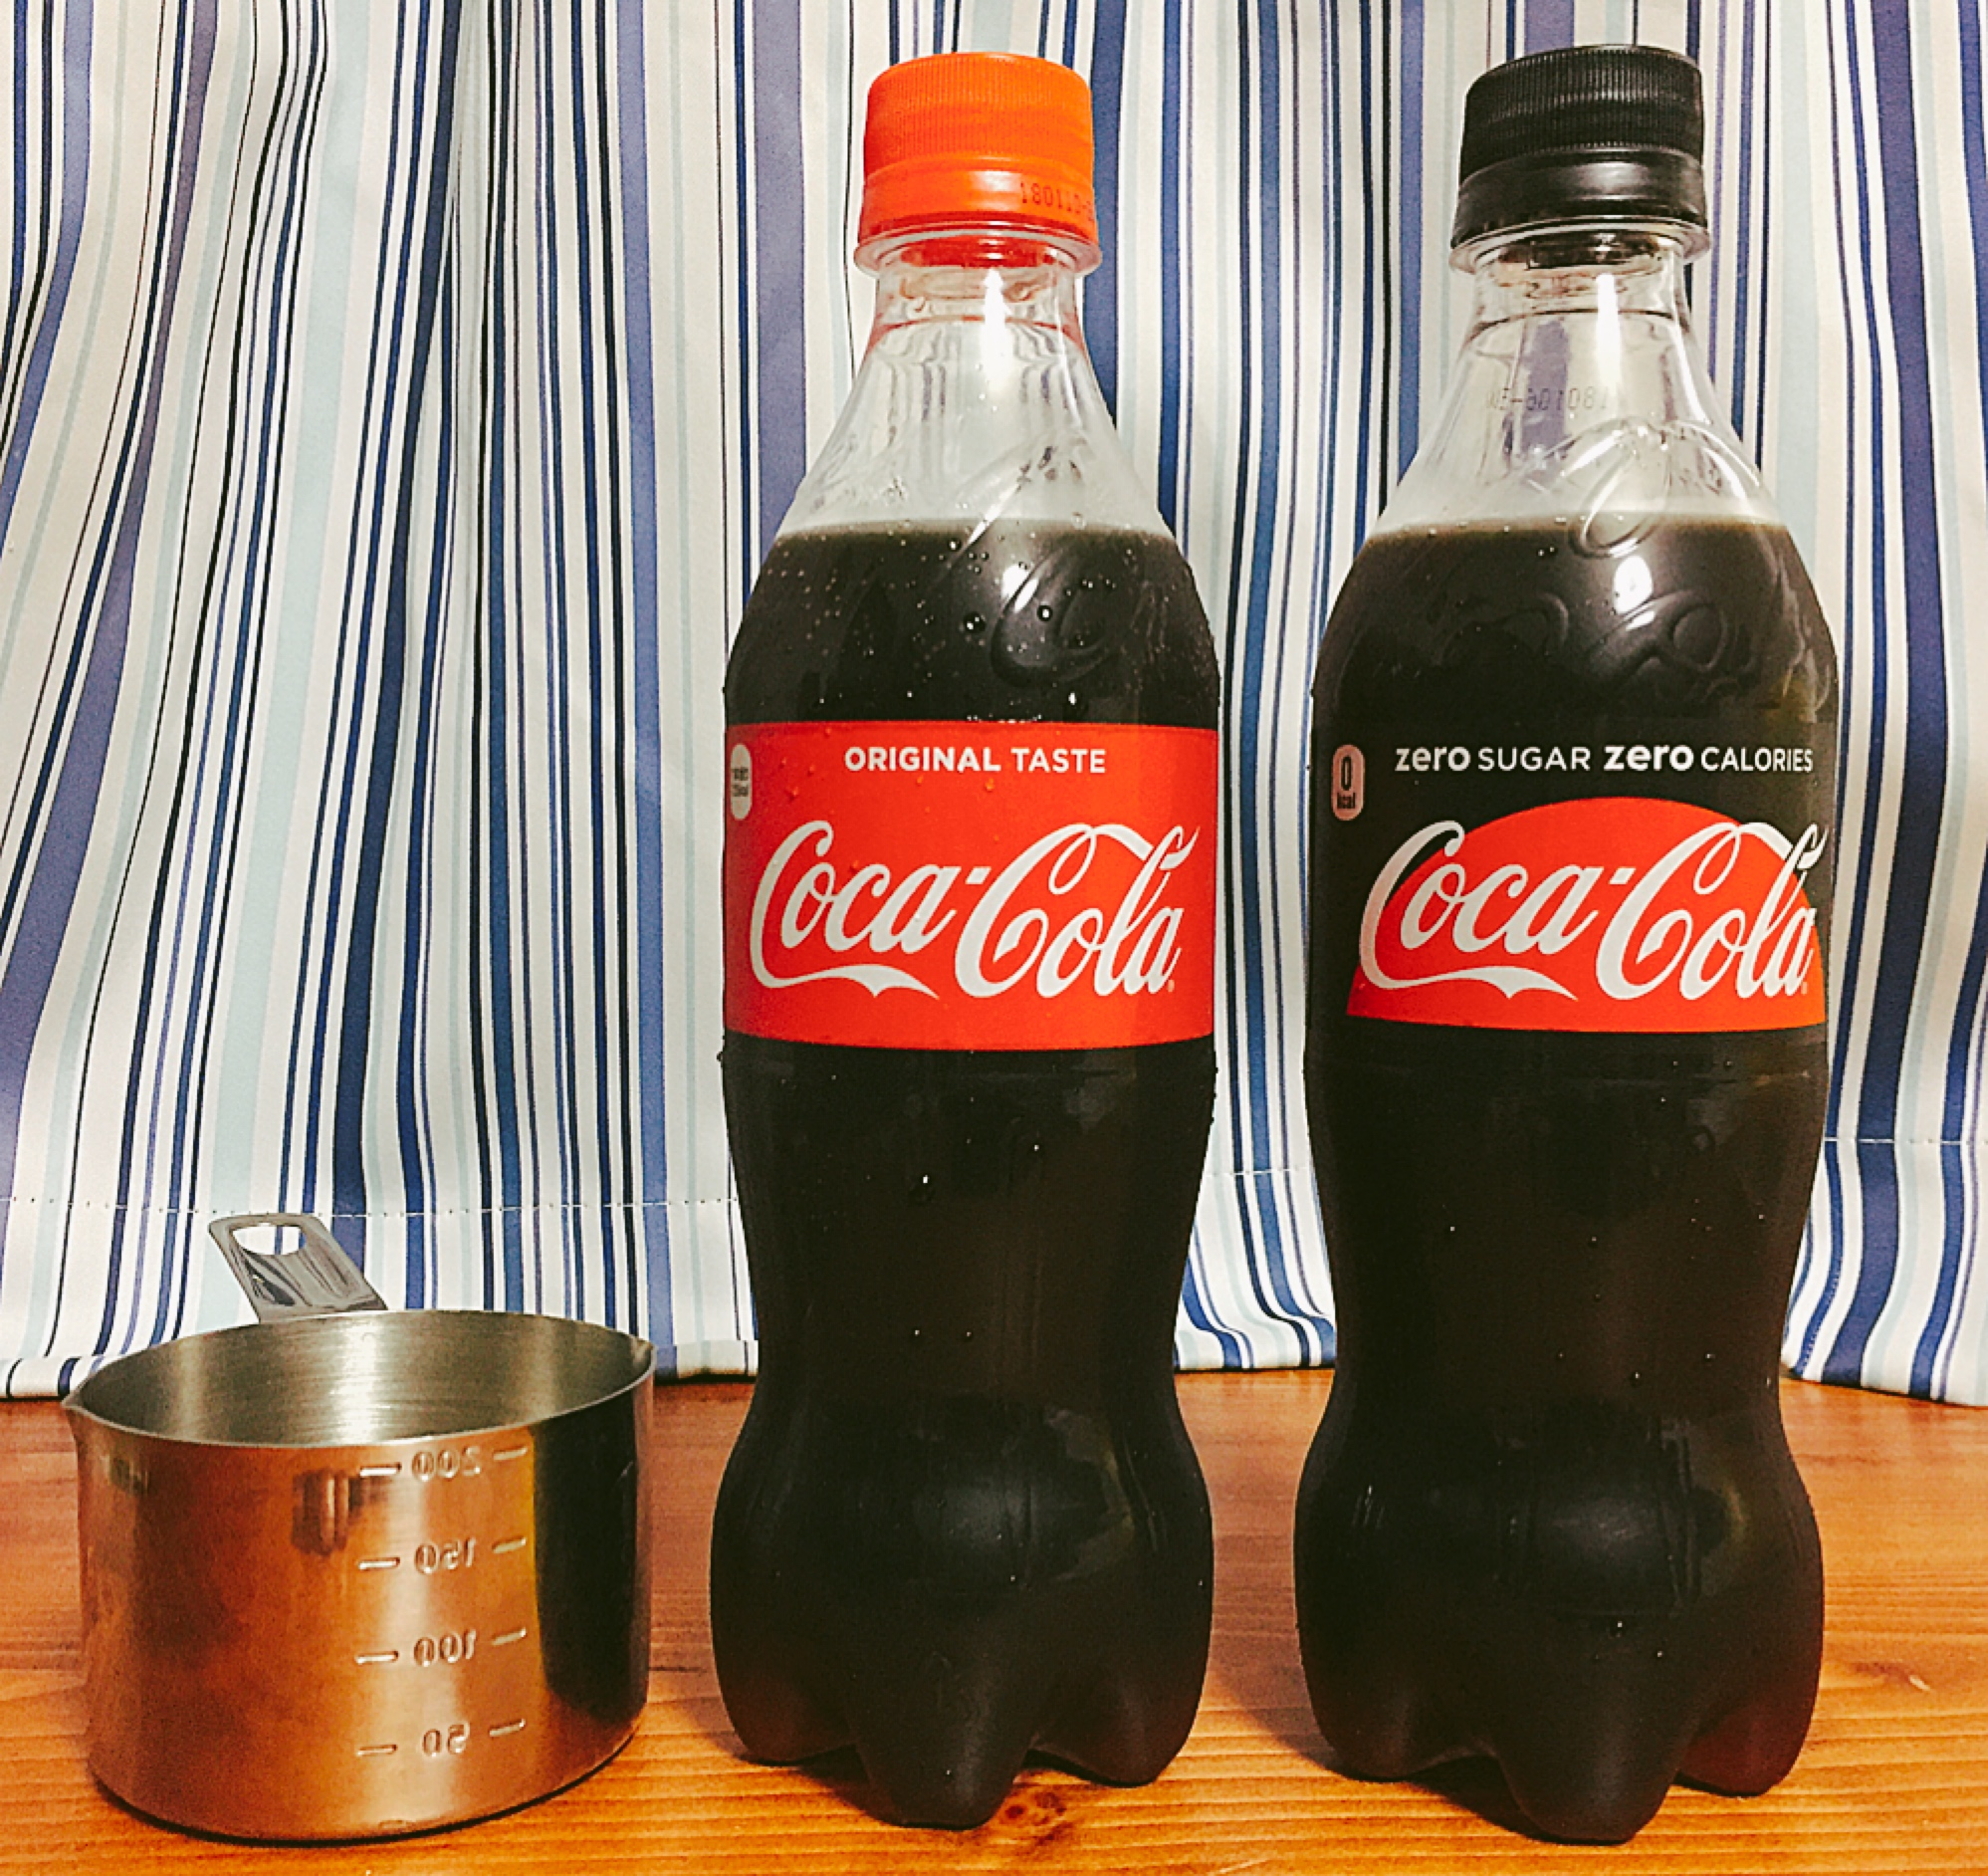 コカ・コーラゼロで血糖上昇ゼロ!? FreeStyleリブレで確かめてみました.